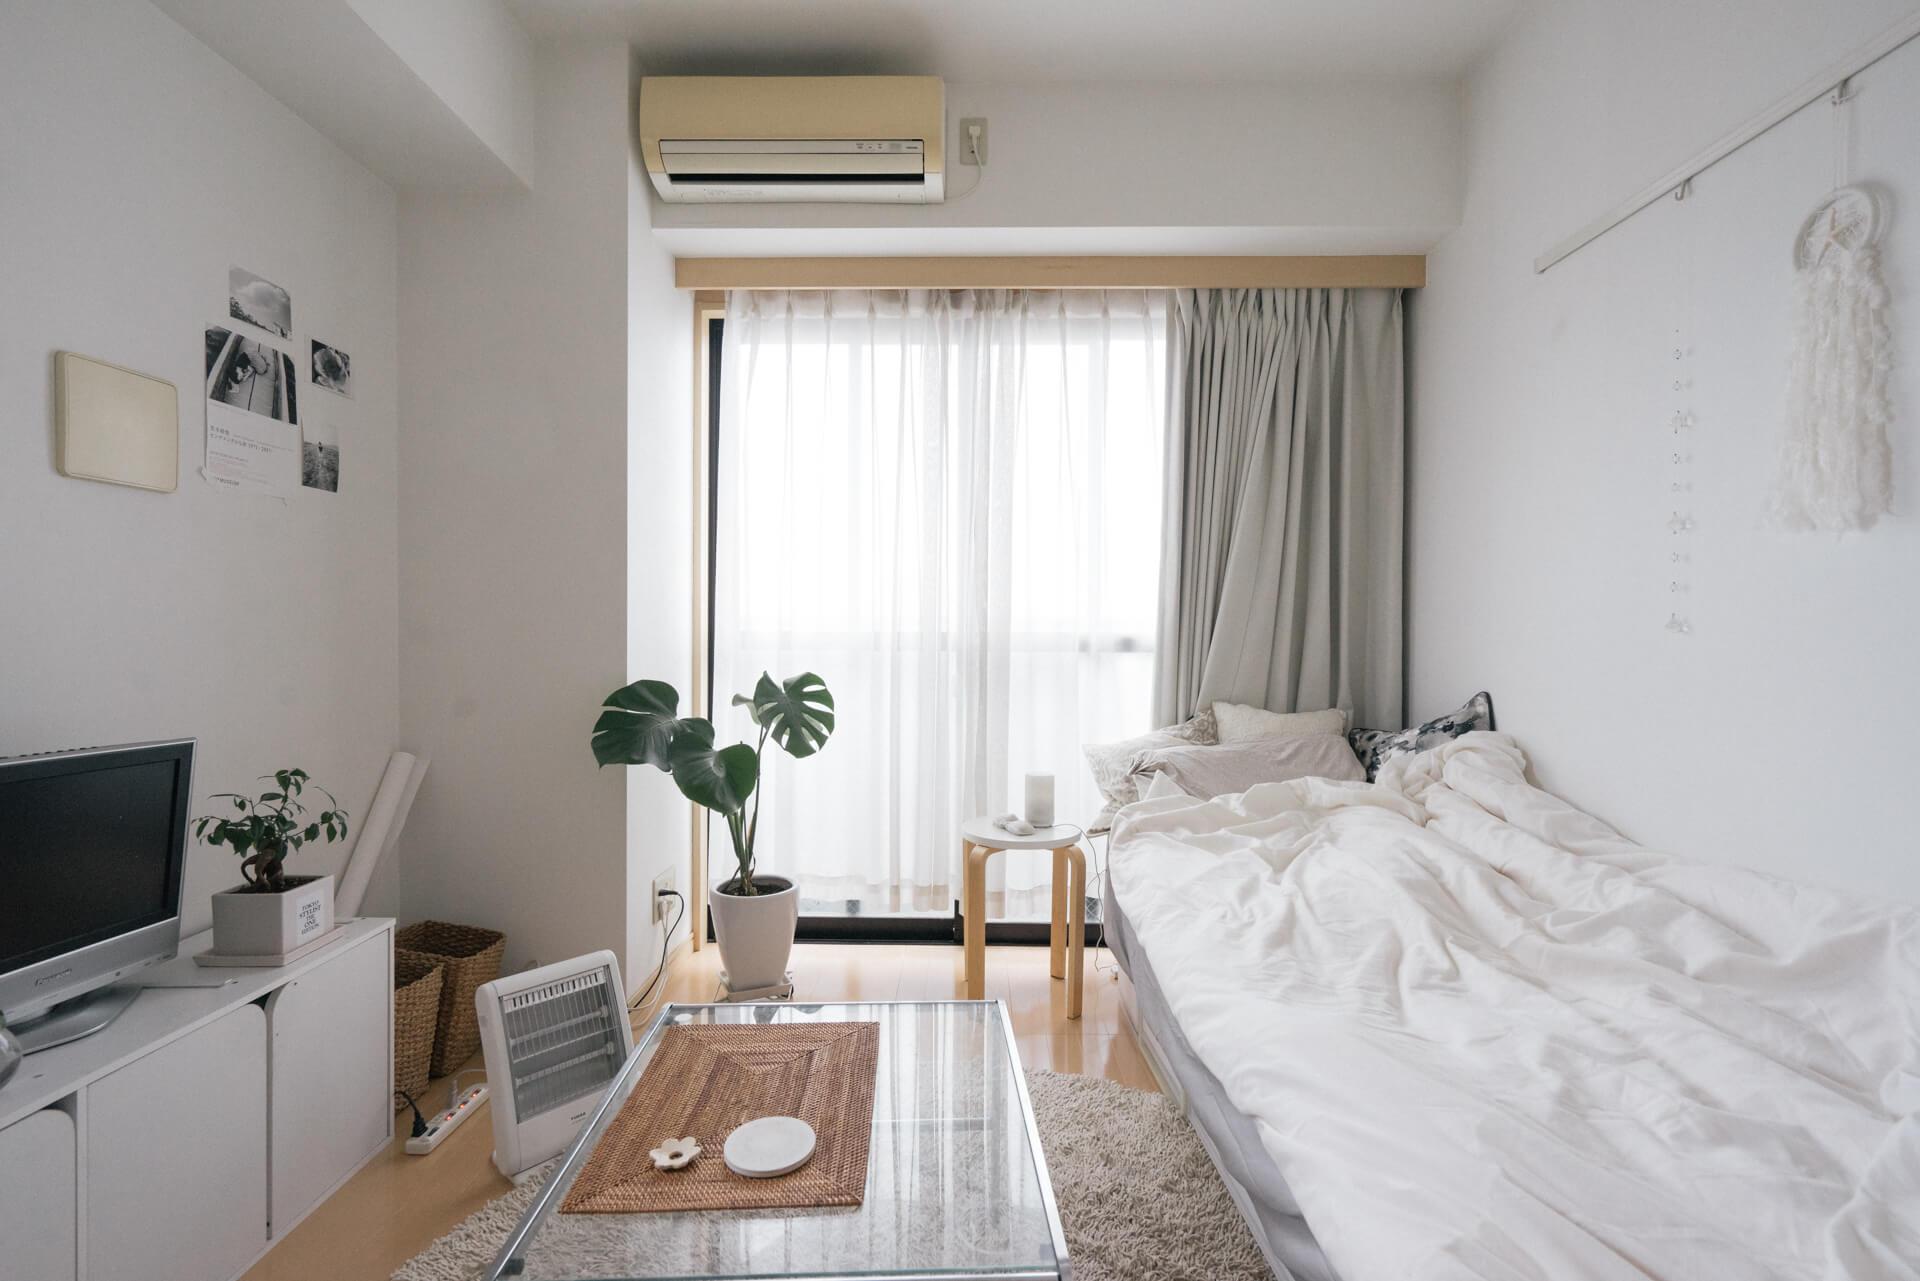 白やグレー、ベージュで統一され、すっきり整った印象の6畳のお部屋。